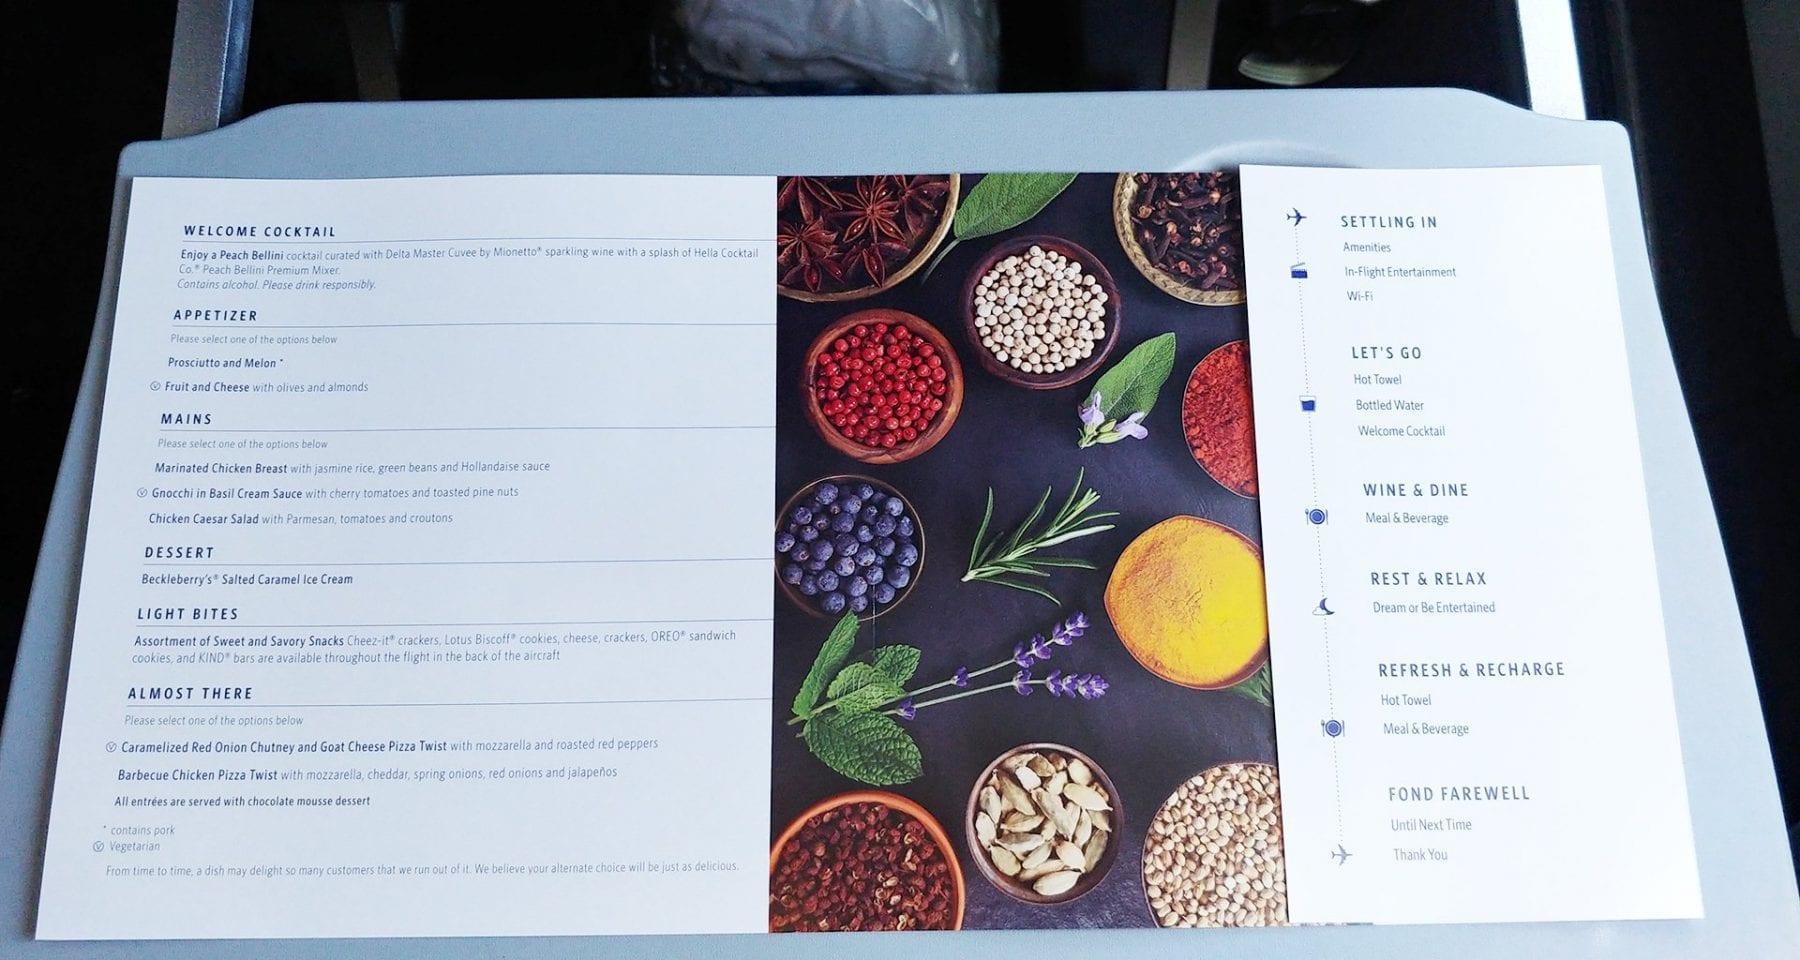 Delta economy class inflight menu